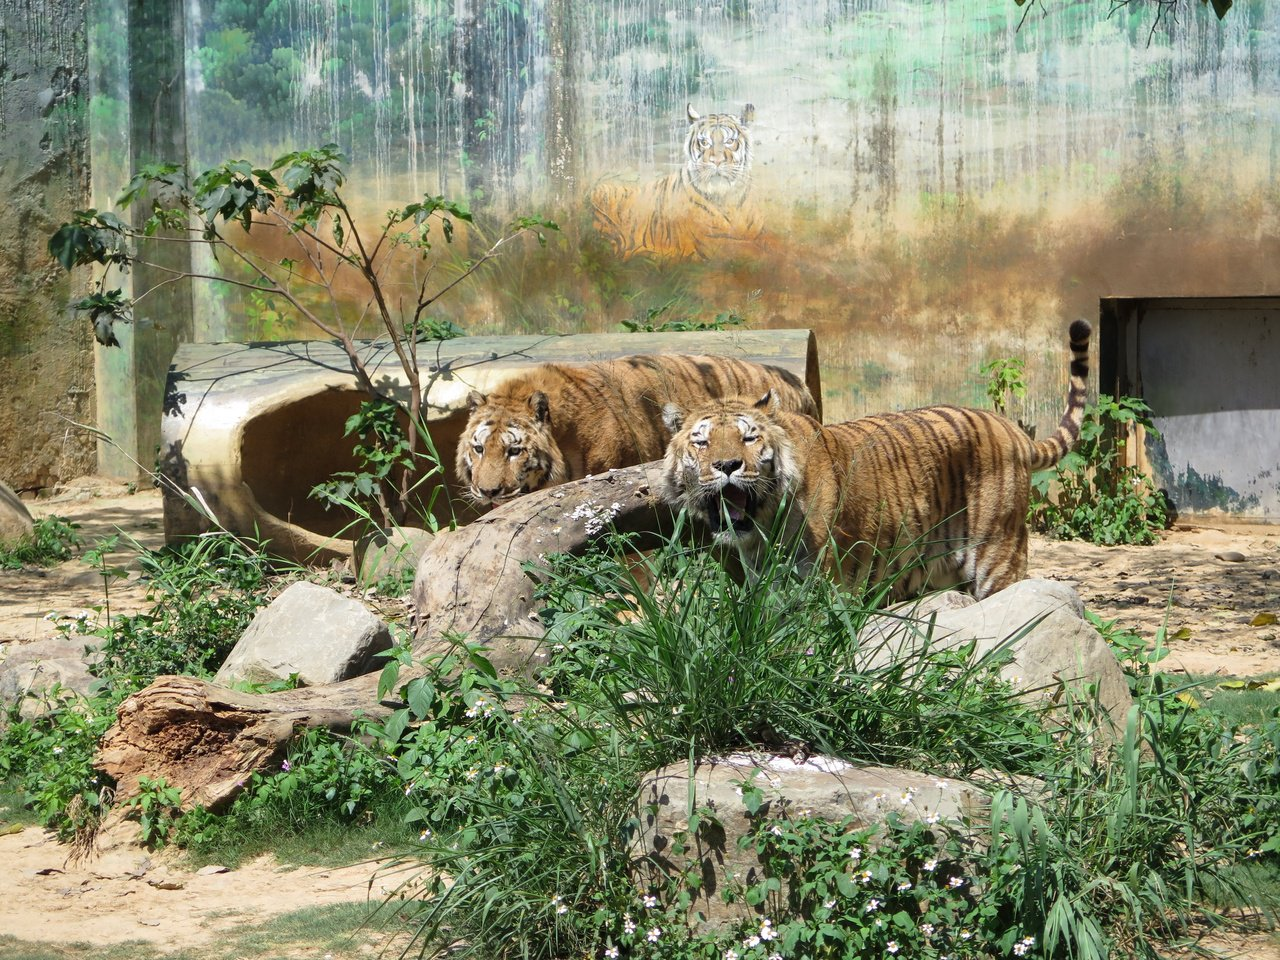 新竹市立動物園的孟加拉虎也是看頭之一。 圖/張裕珍 攝影